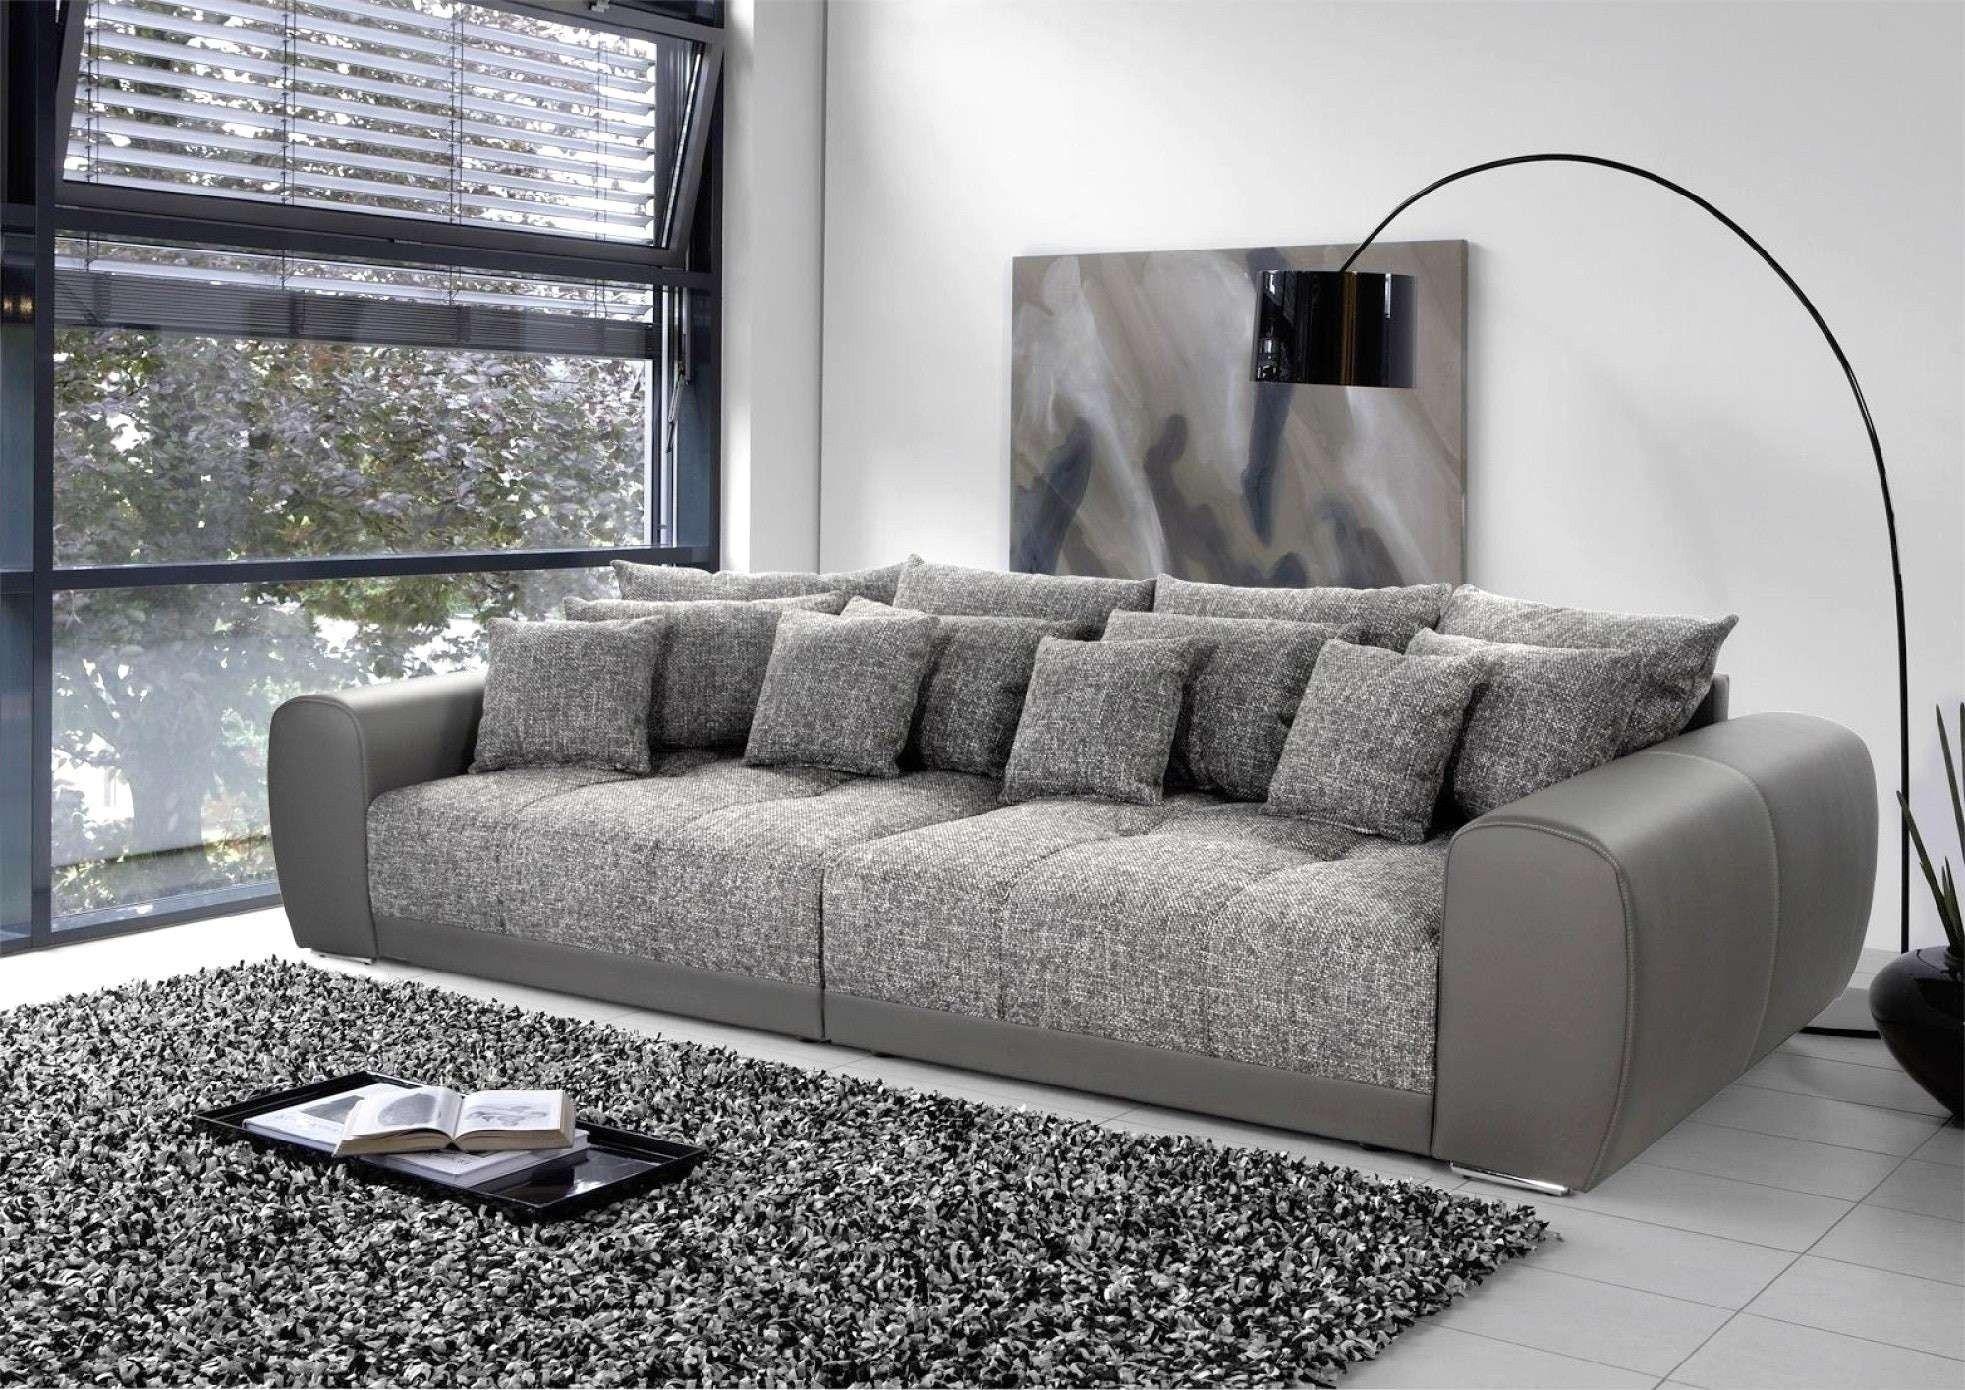 72 Lokal Eckschrank Bei Poco Moderne Couch Couch Gunstig Bestes Schlafsofa